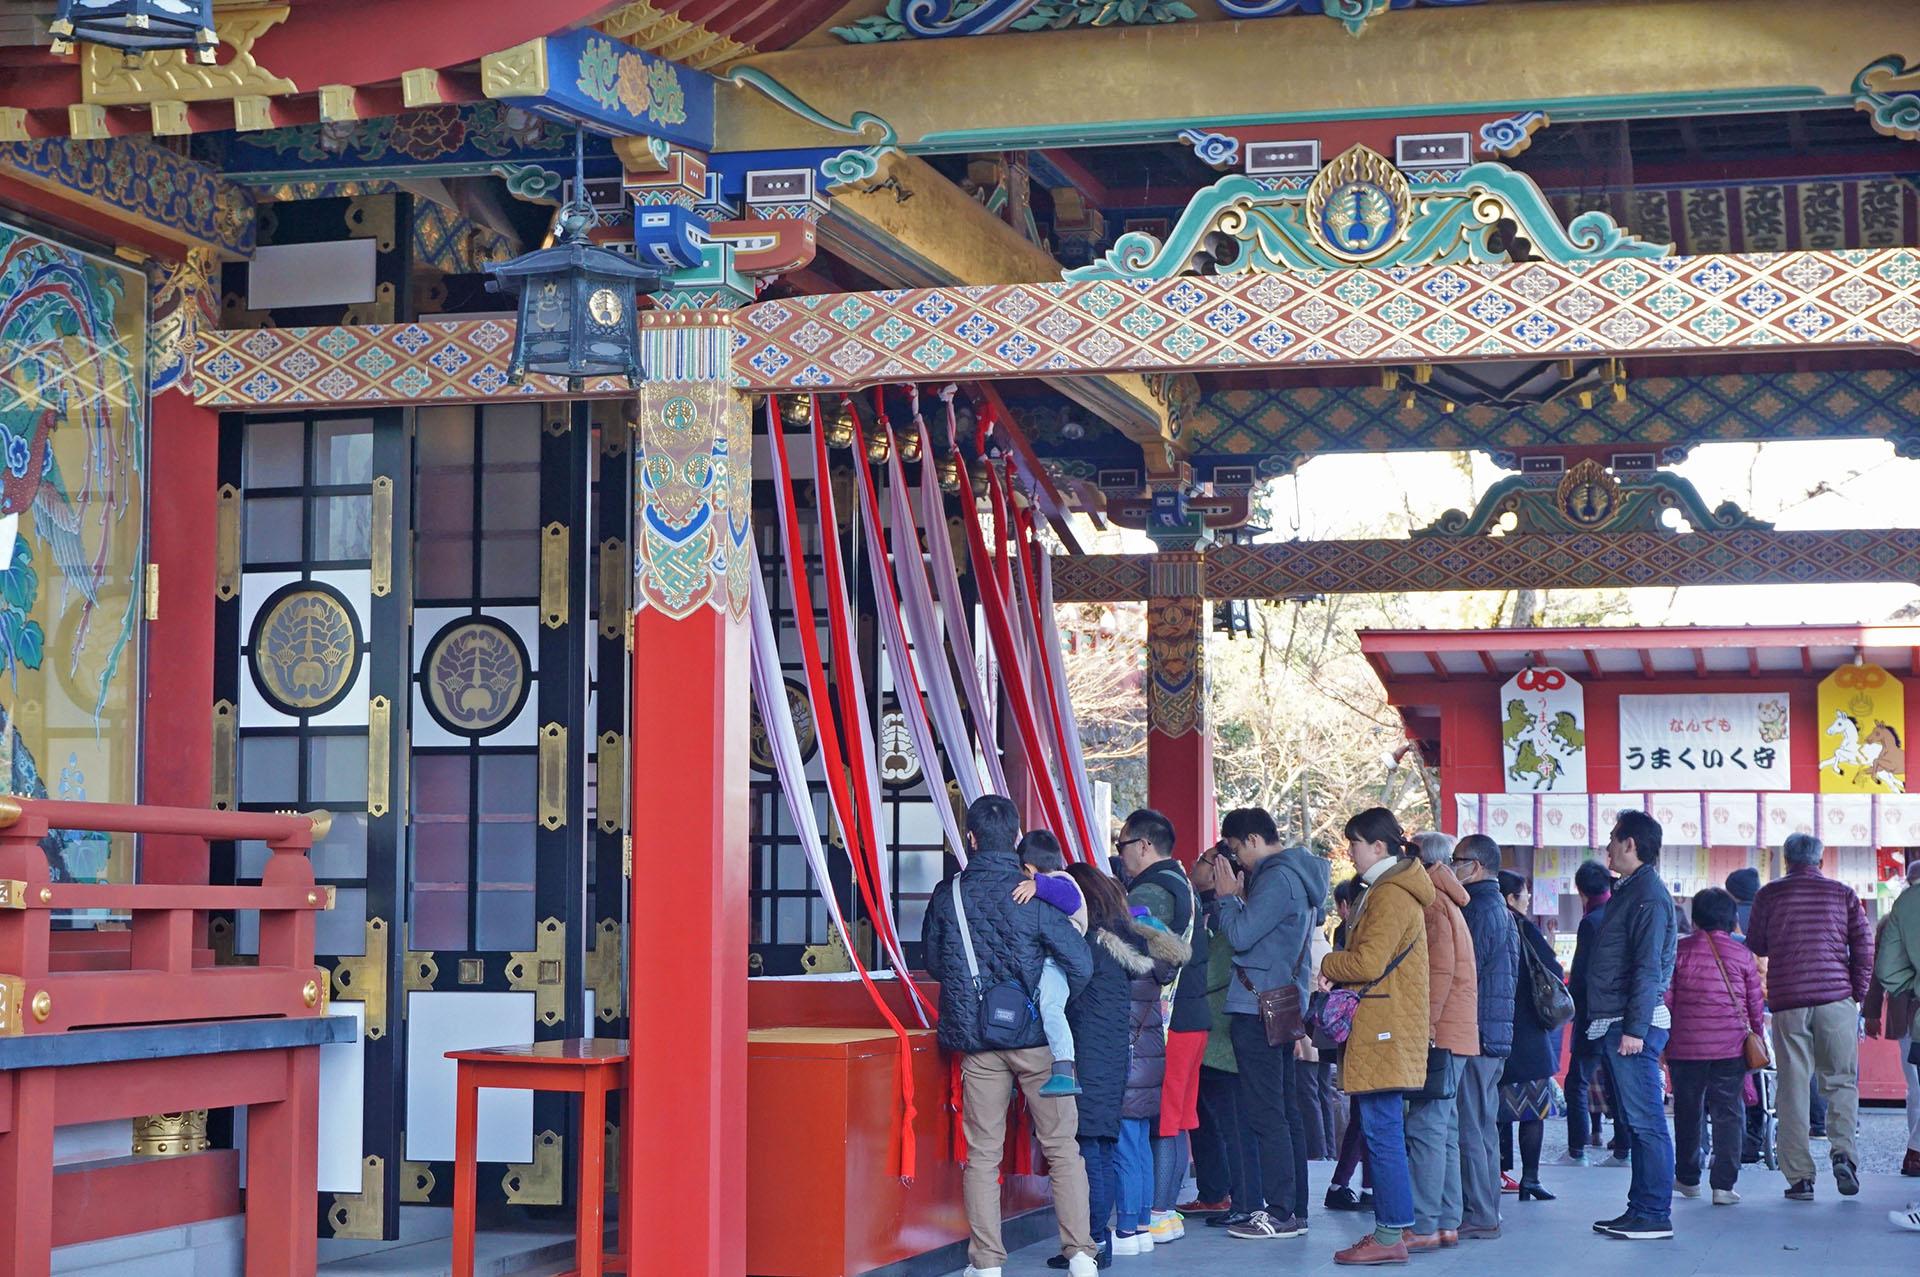 祐徳稲荷神社初詣の本殿